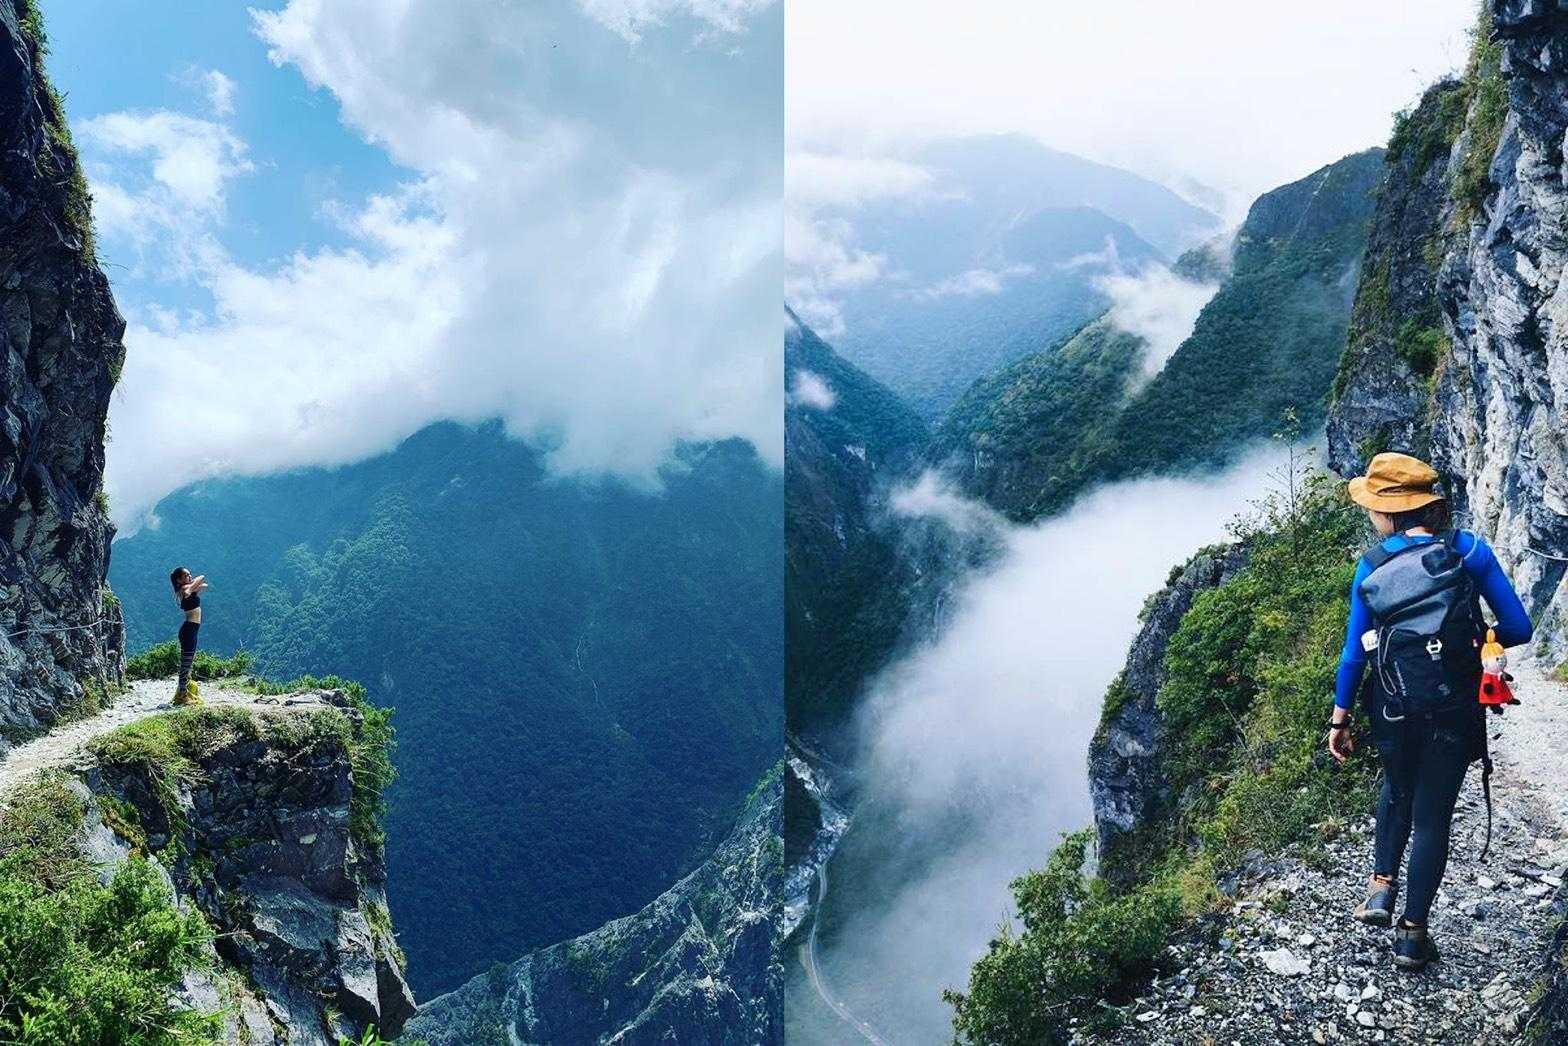 中橫公路雲海 | 帶你一起漫步在雲端!推薦中橫公路雲海秘境